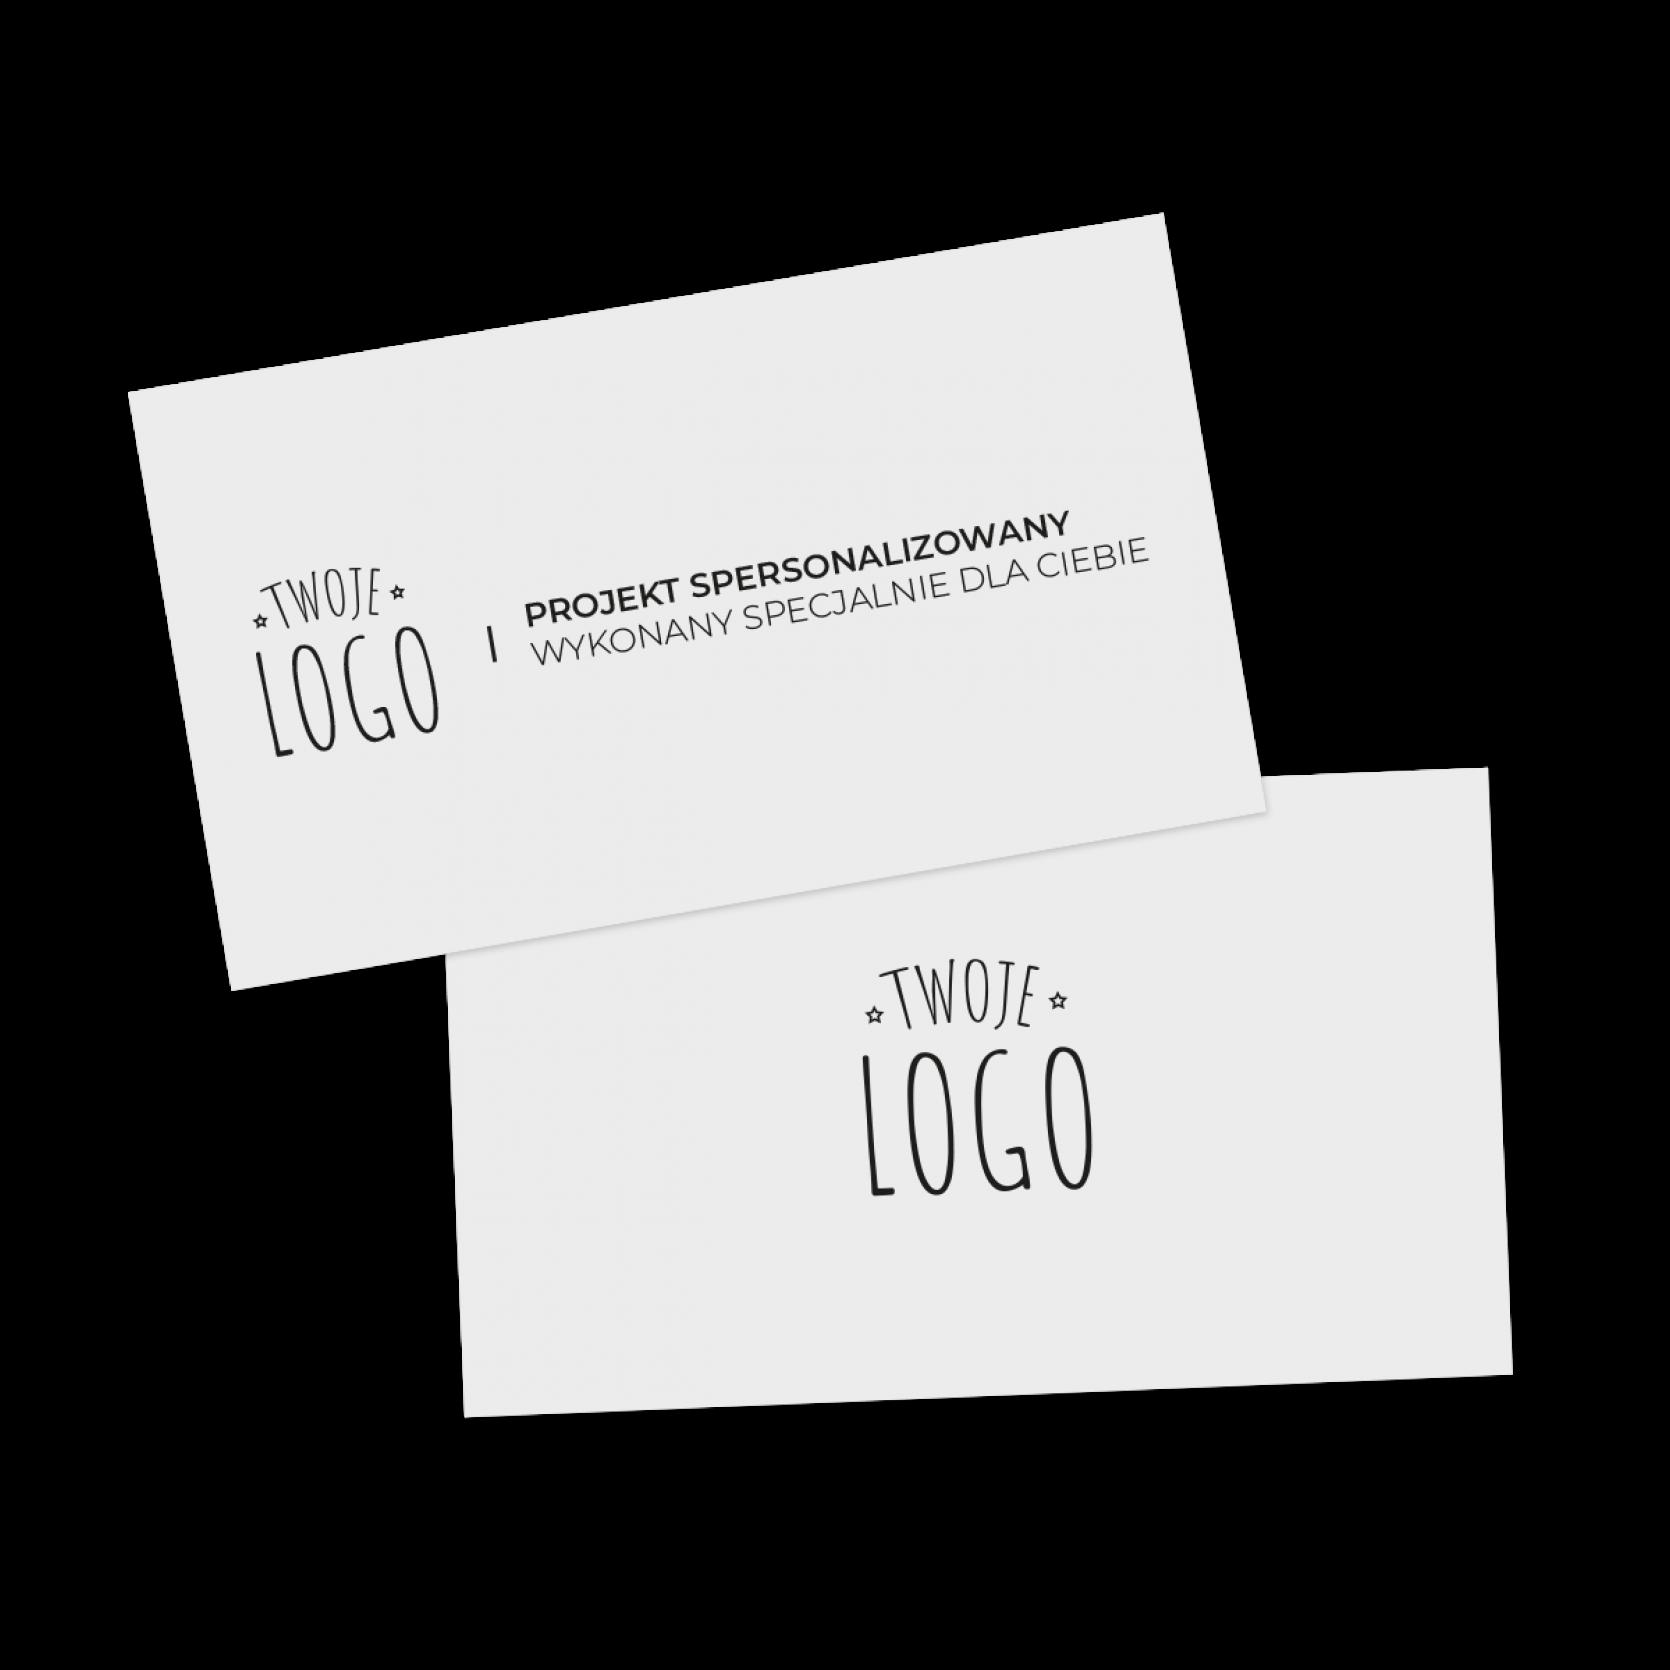 LabPicture-Grafika-komputerowa-Wizytowki-firmowe-z-logo-projekt-spersonalizowany-01